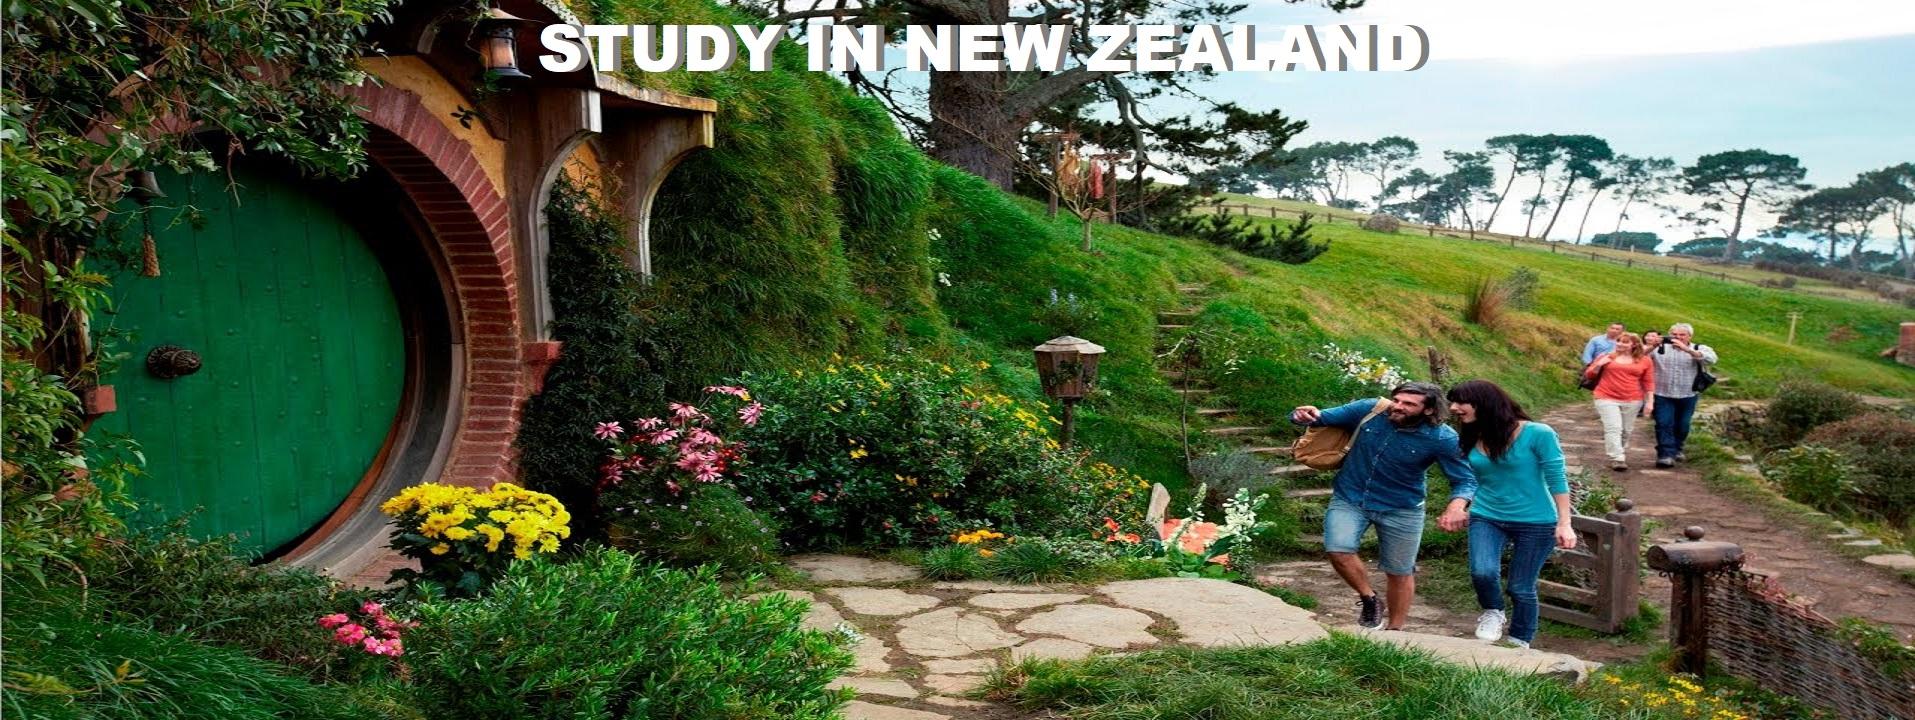 New Zealand study visa consultant Delhi | student visa consultant Delhi NCR | study abroad consultants Delhi NCR | Abroad Education Consultants Delhi NCR | Best study abroad consultants Delhi NCR